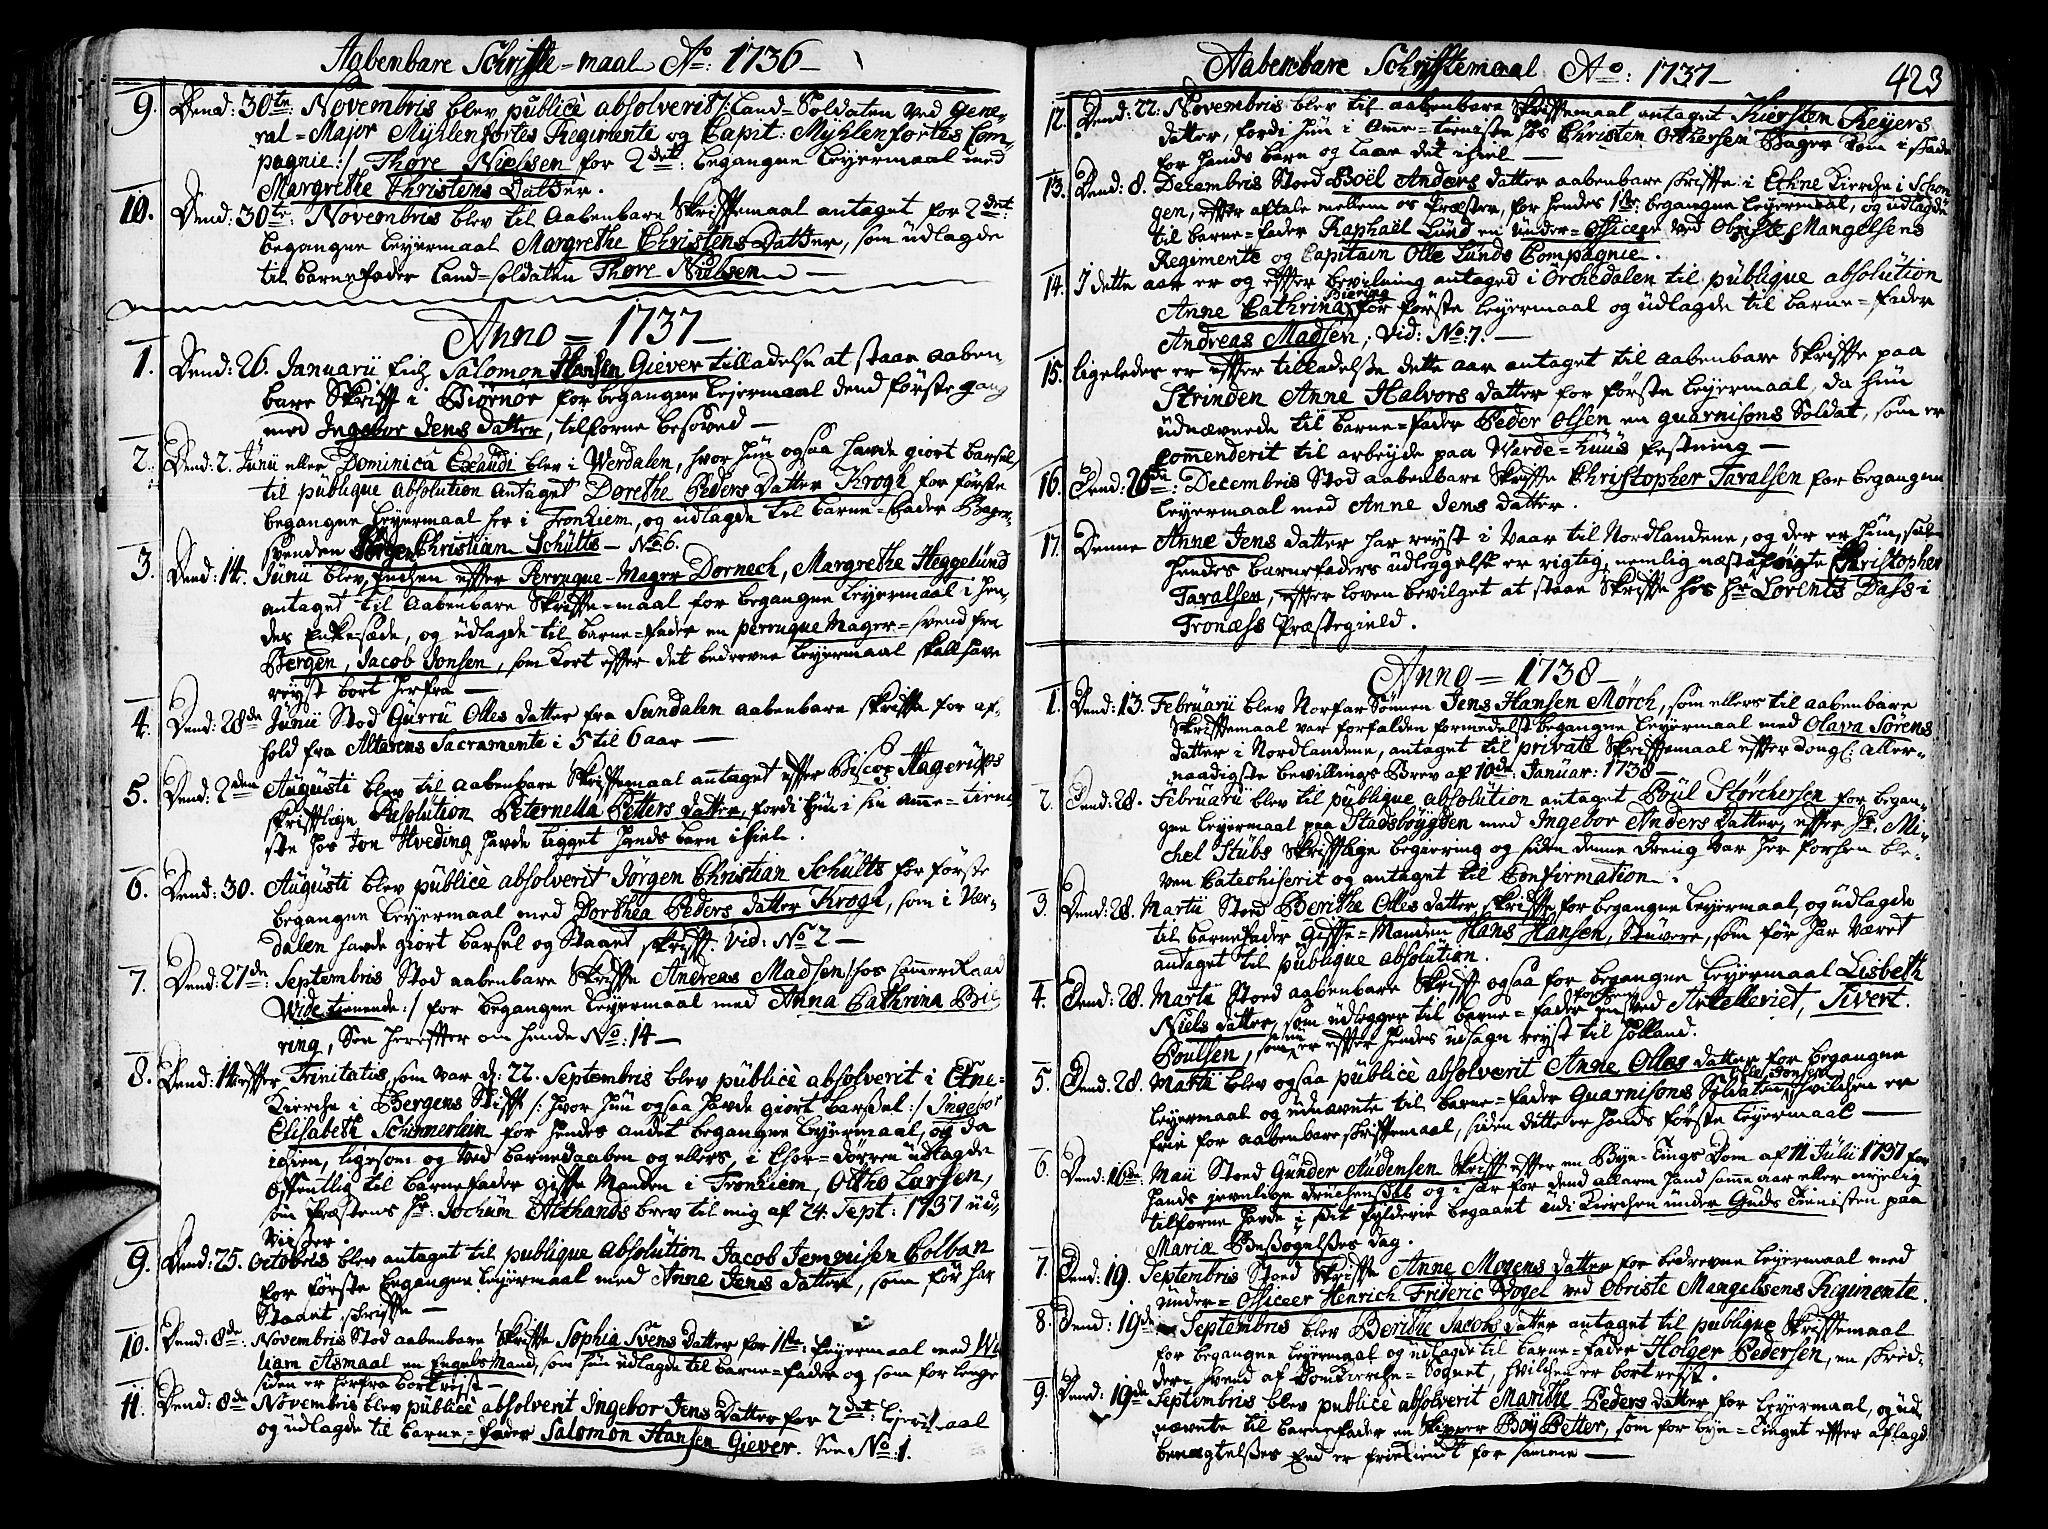 SAT, Ministerialprotokoller, klokkerbøker og fødselsregistre - Sør-Trøndelag, 602/L0103: Ministerialbok nr. 602A01, 1732-1774, s. 423